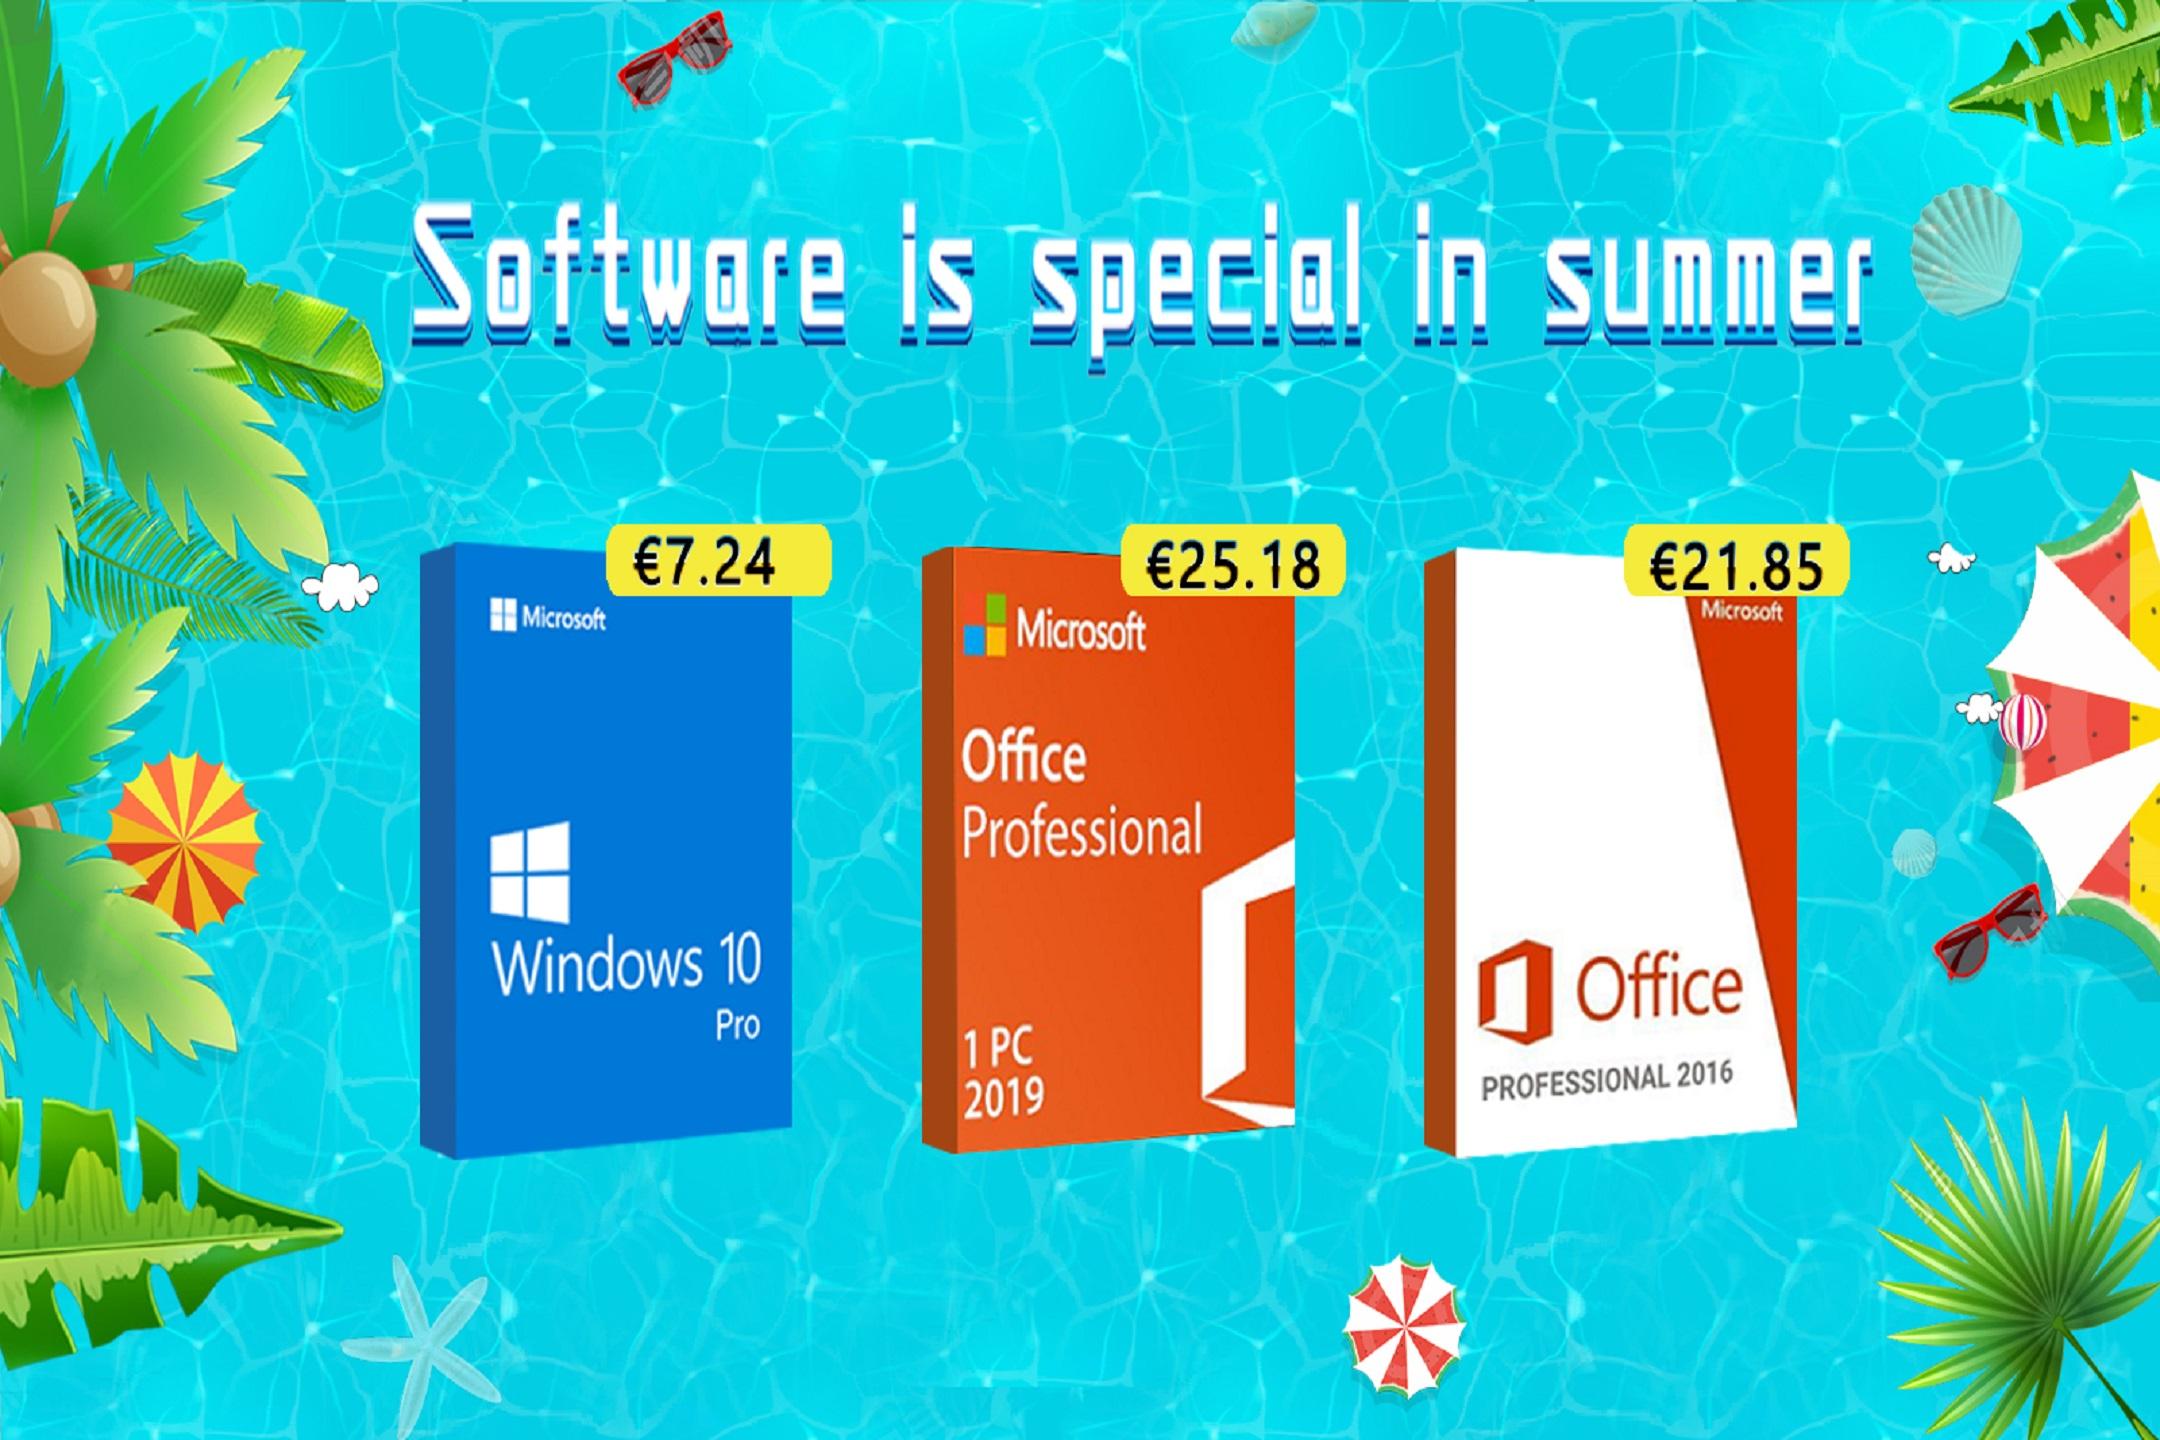 bcdkey přichází s letní akcí na Windows 10 a další [sponzorovaný článek]